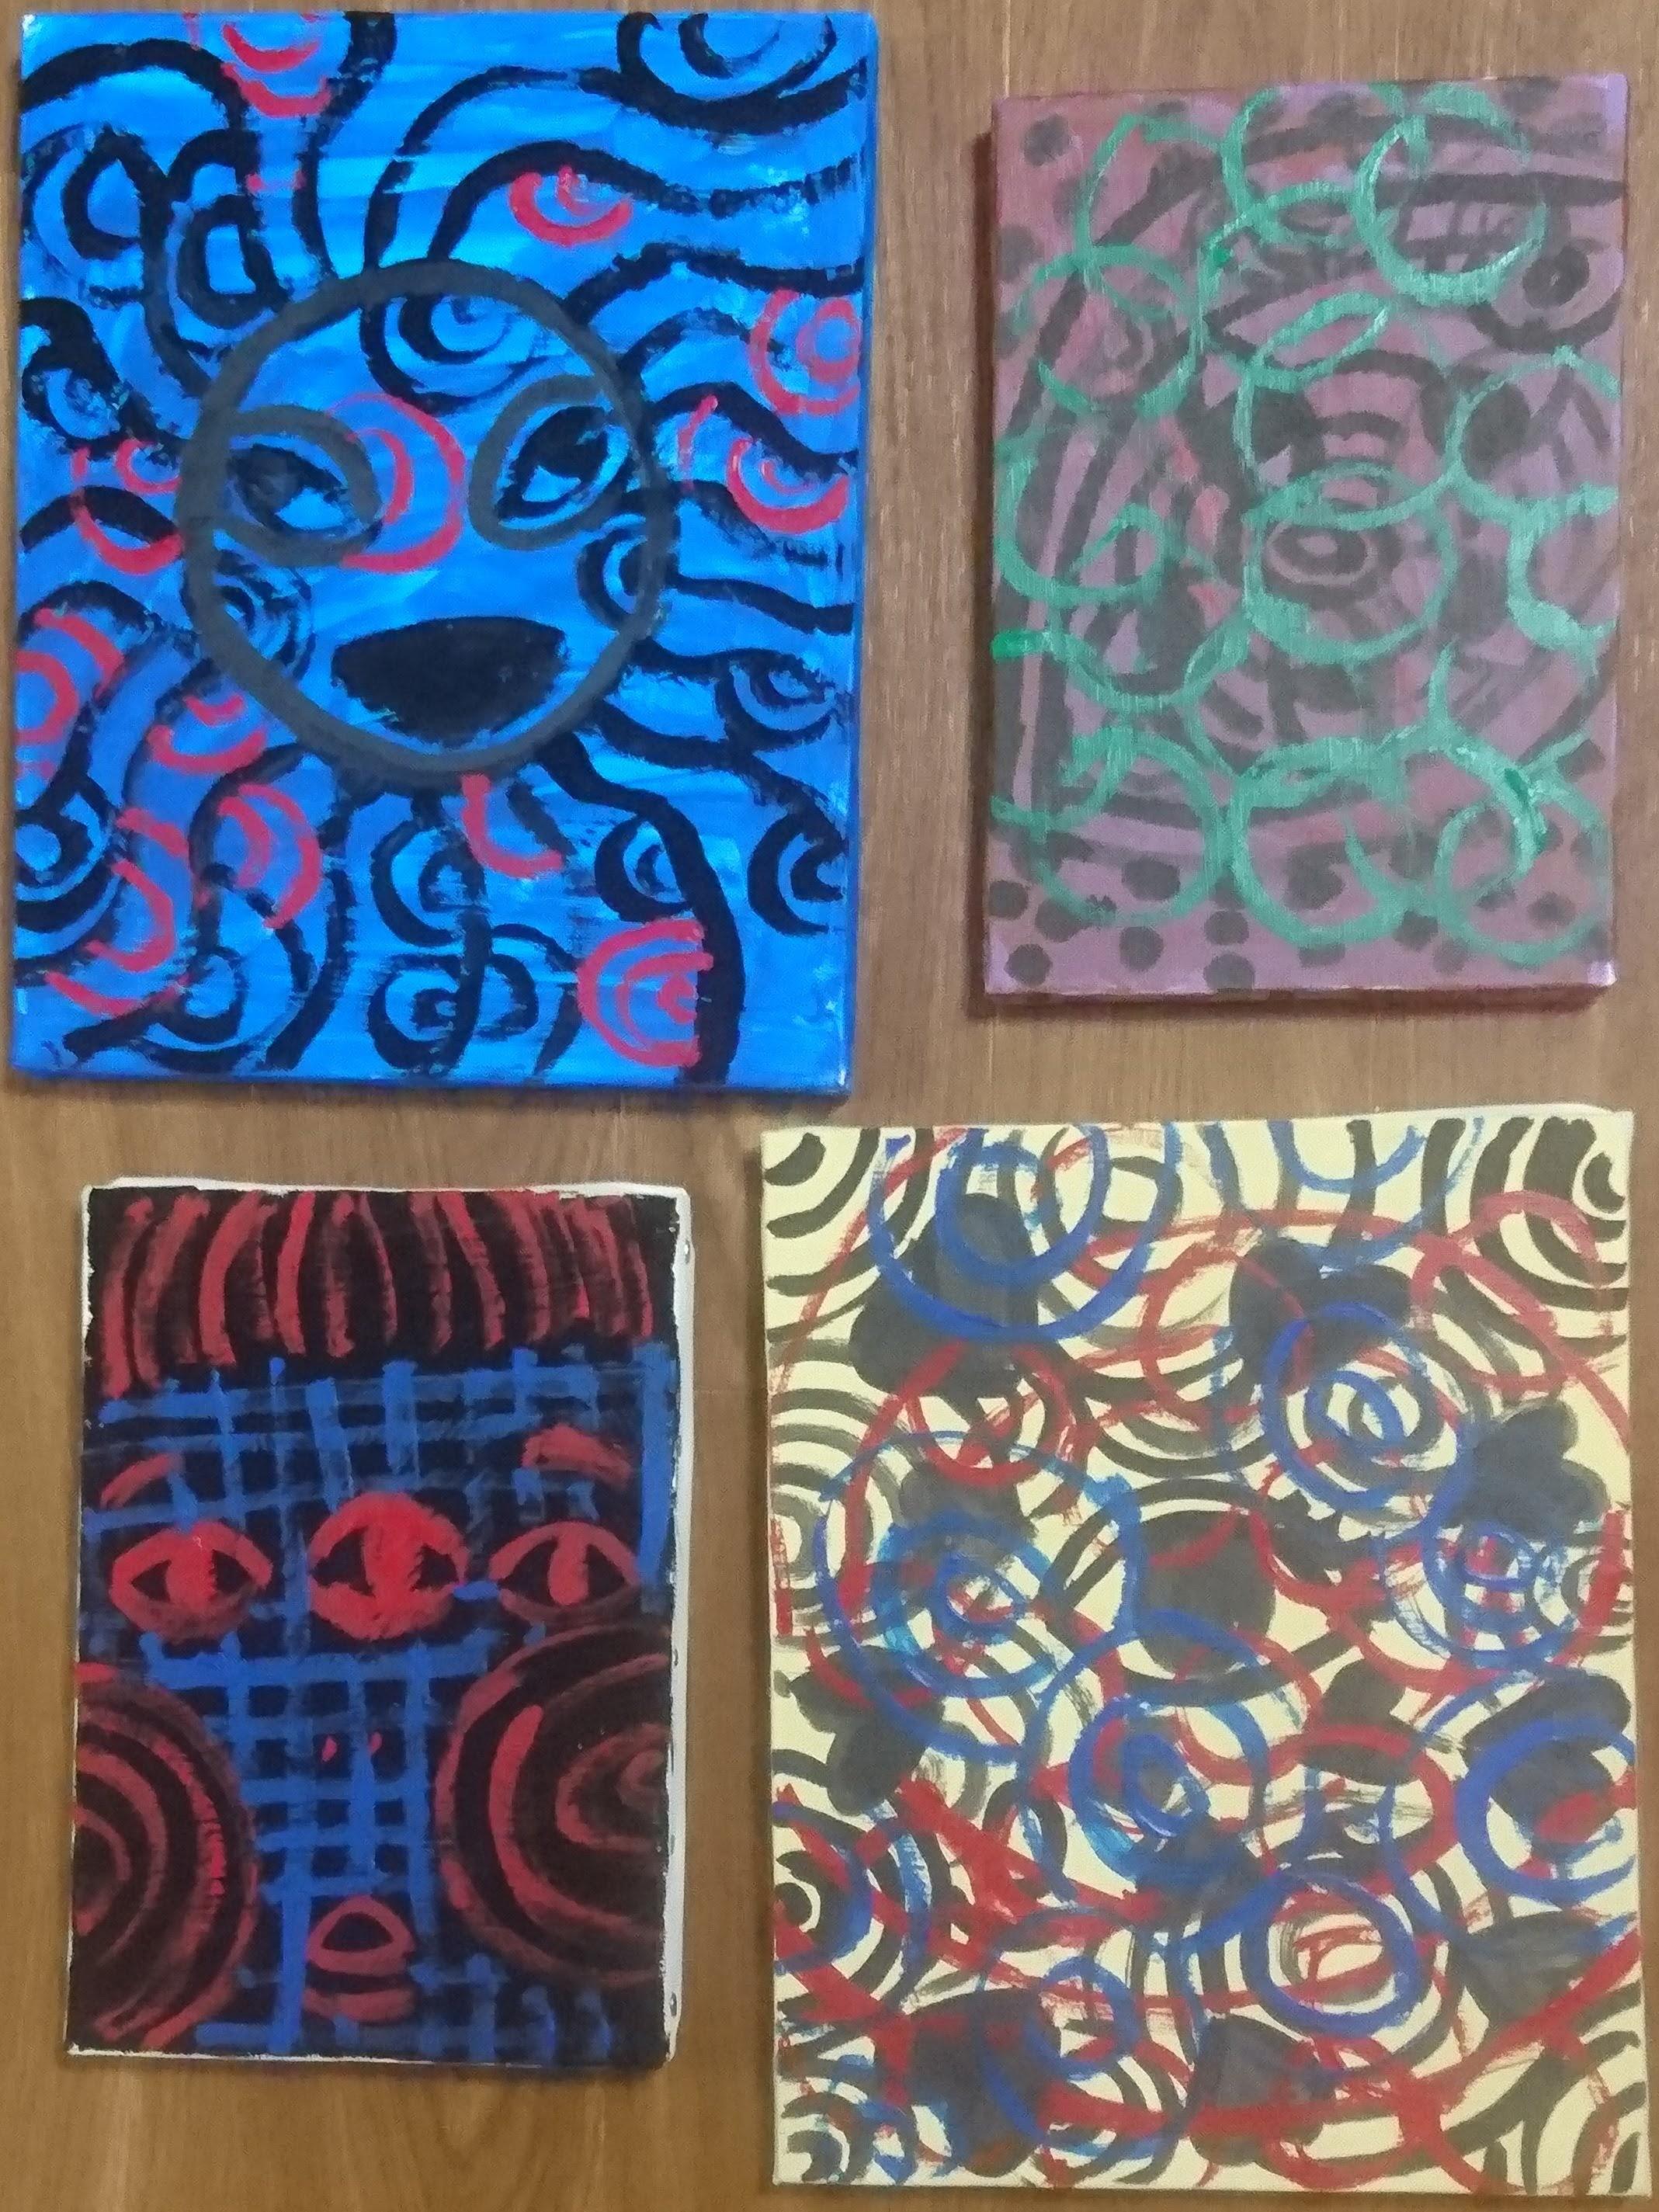 [水の中の太陽] [目は口ほどに…] [並列三つ目] [どこを見ても必ず浮かんでいる] - 伊藤洋子の美術